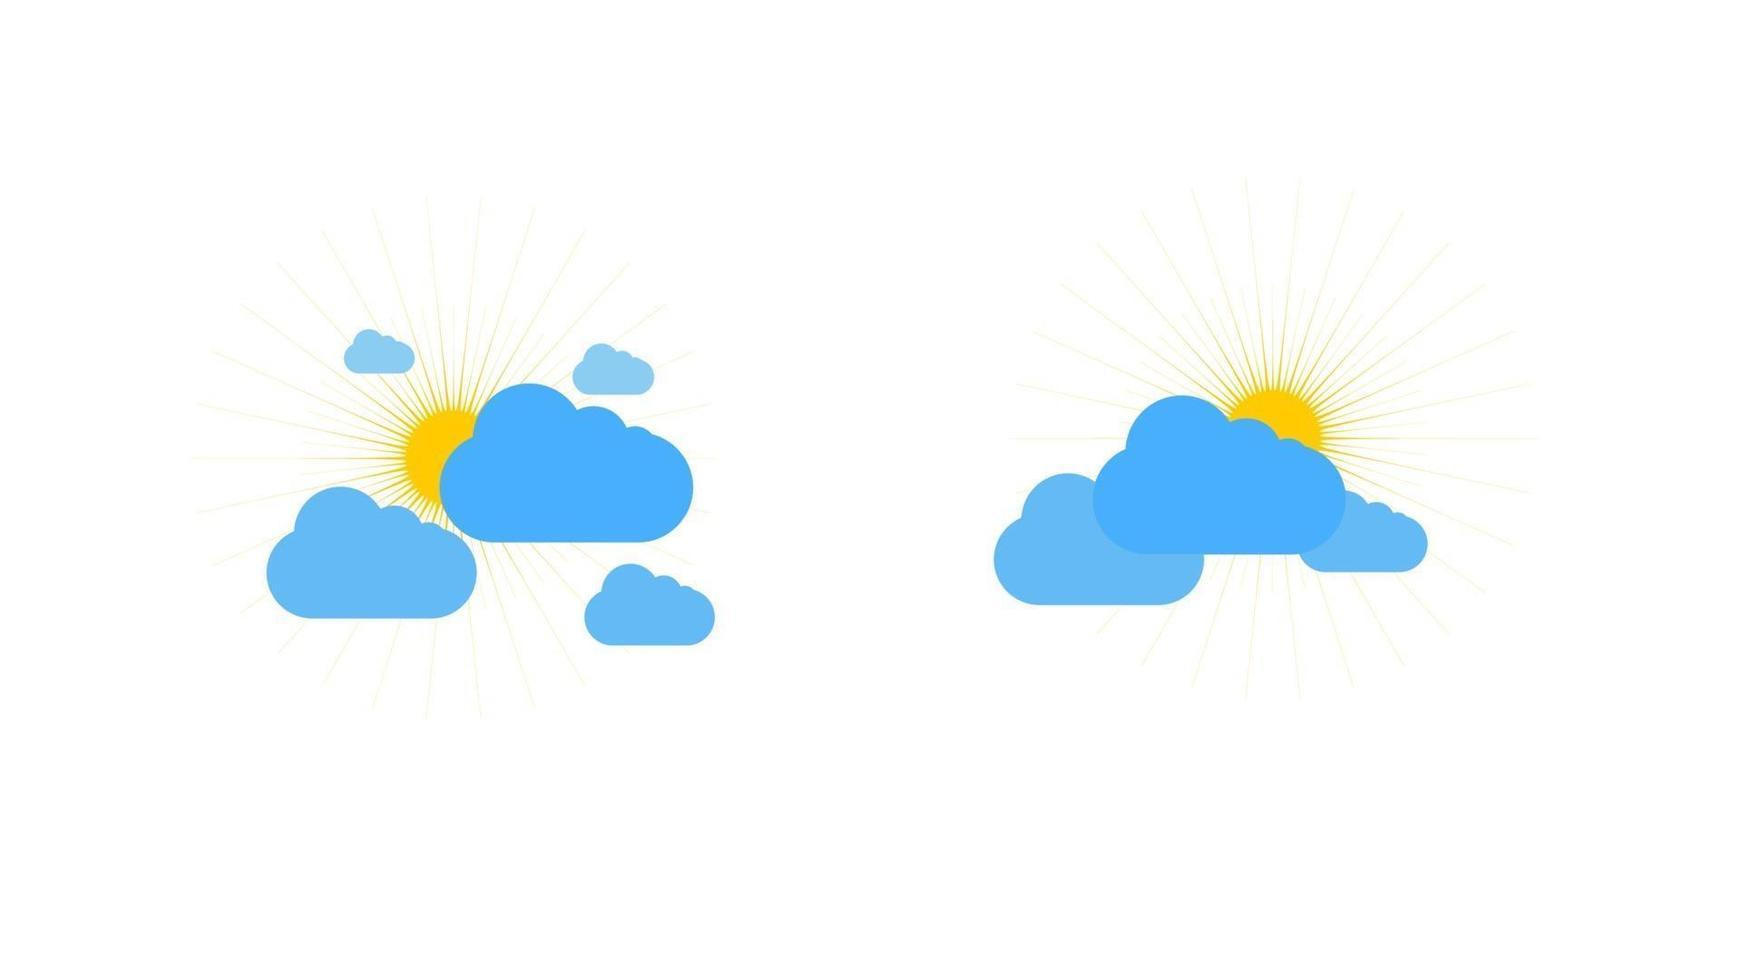 zonnig weerpictogram teken op witte achtergrond. gele zon illustratie vector